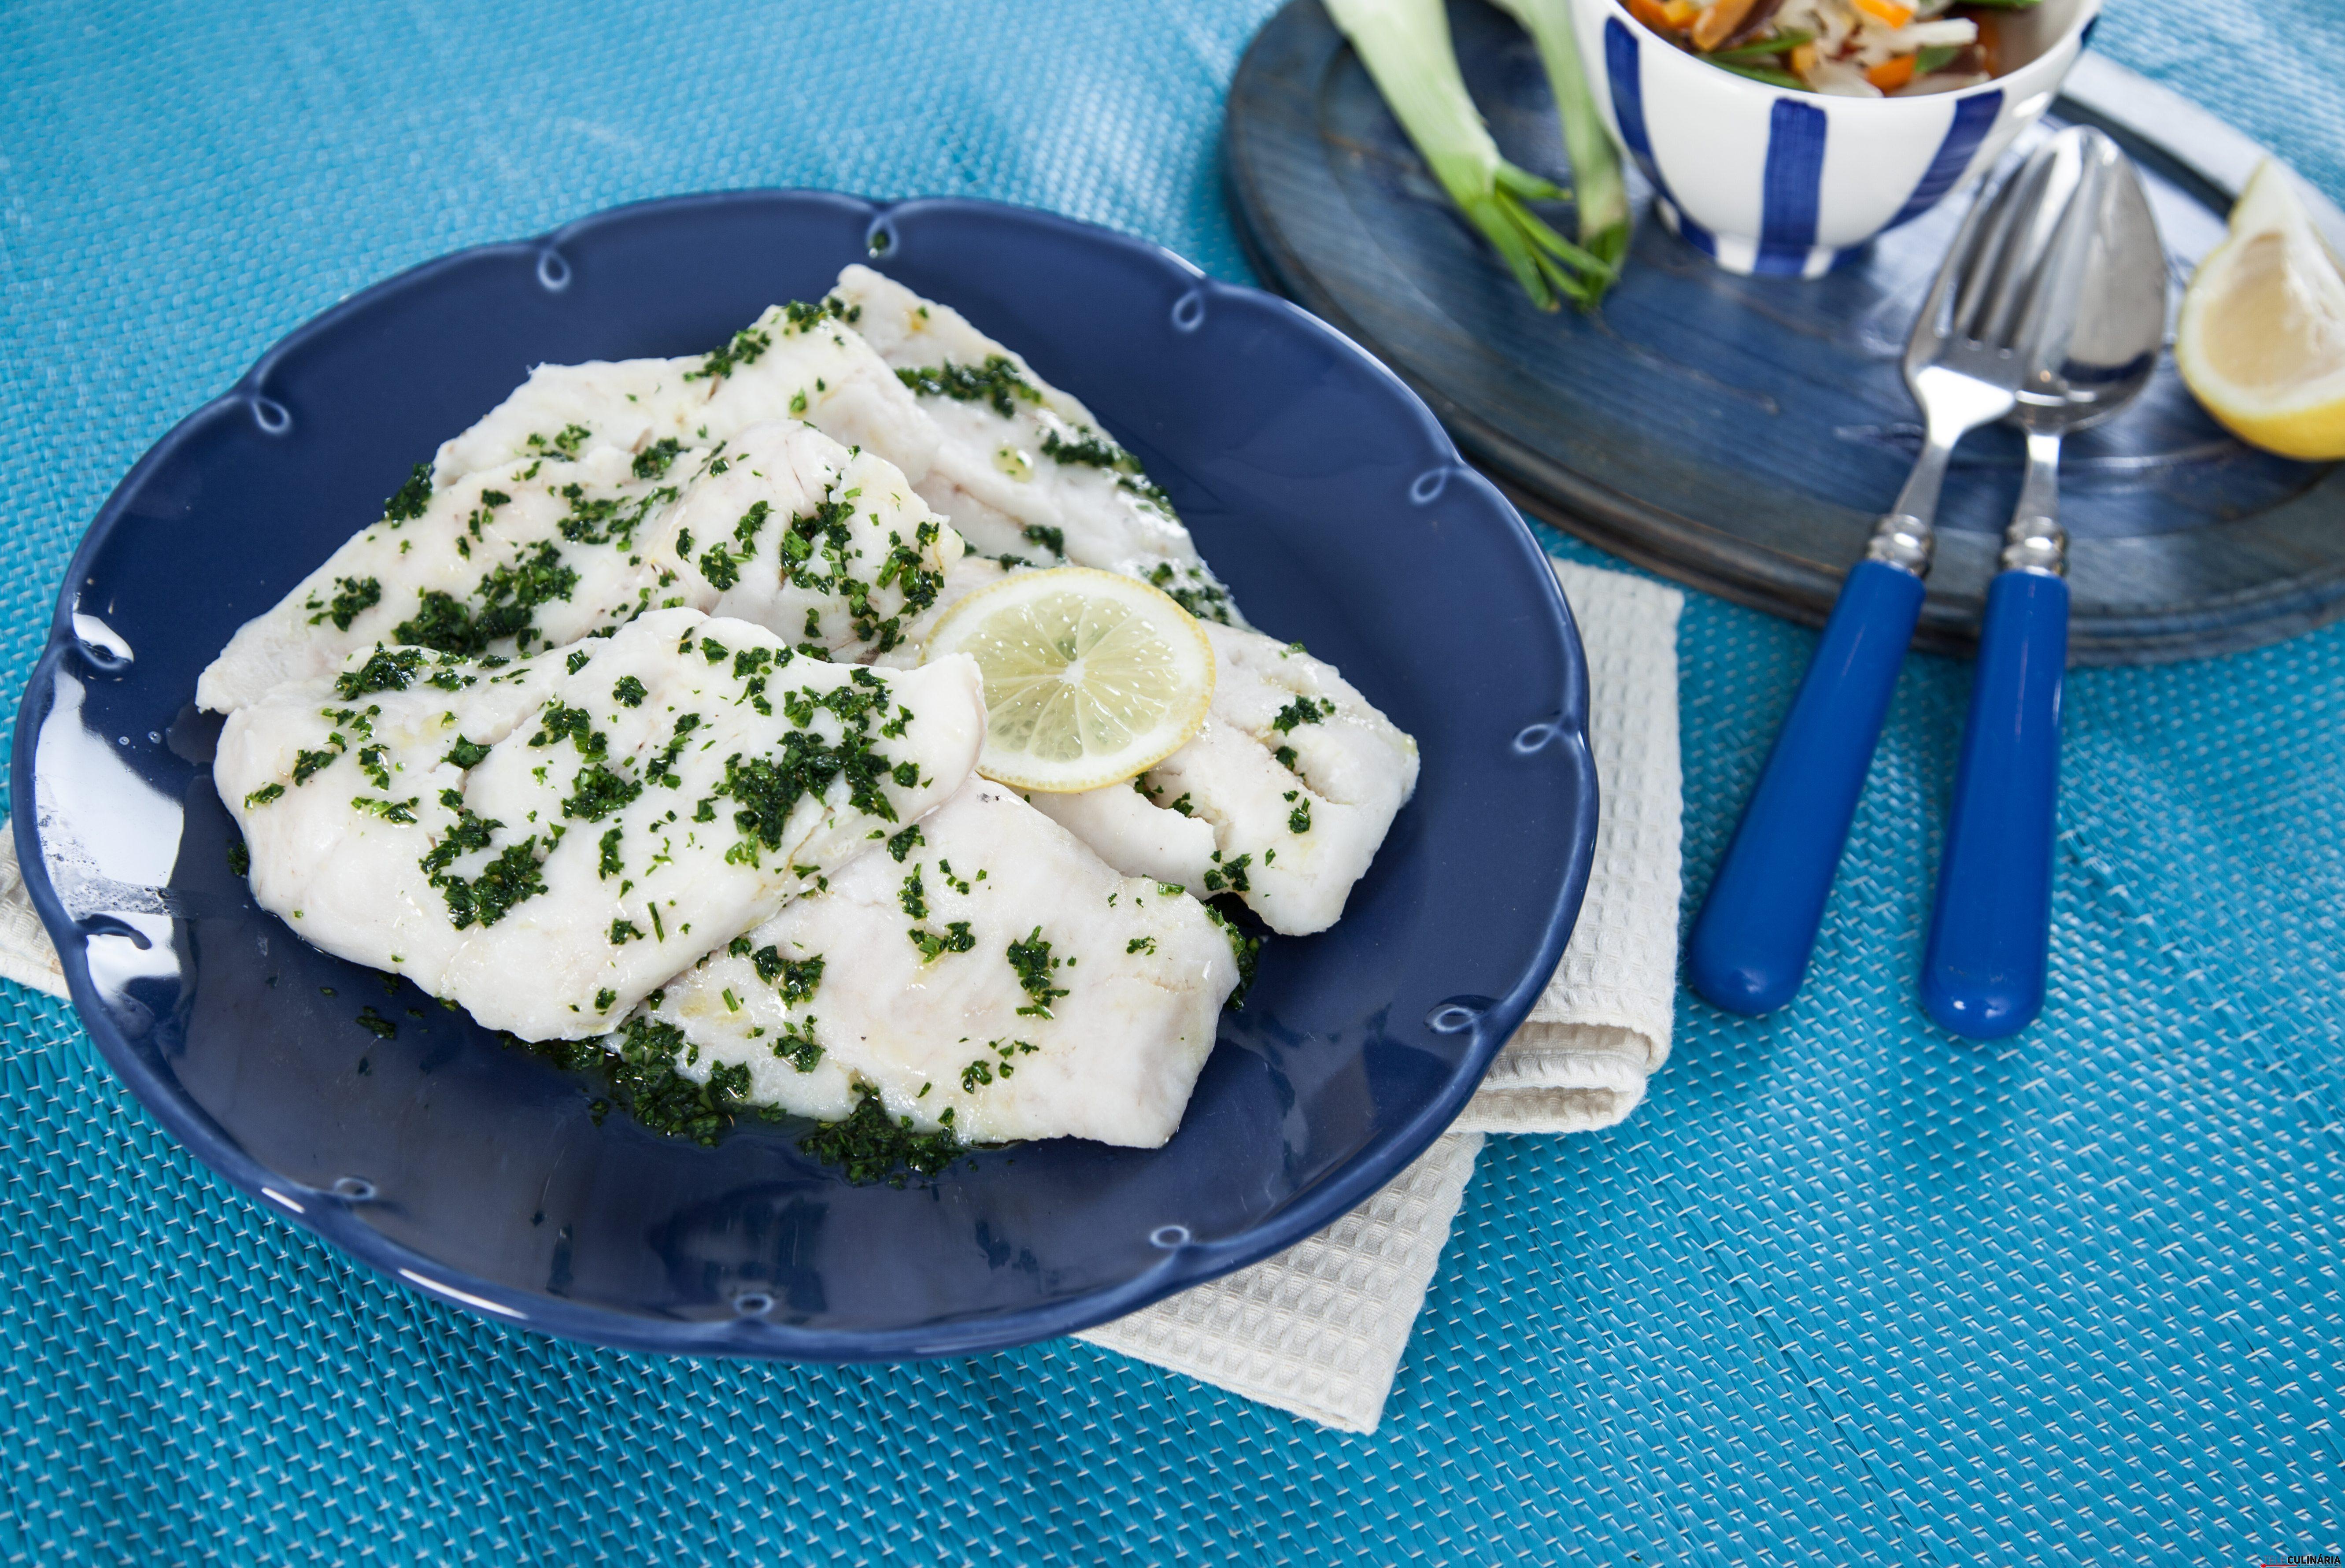 Filetes de peixe com legumes CHLM 16